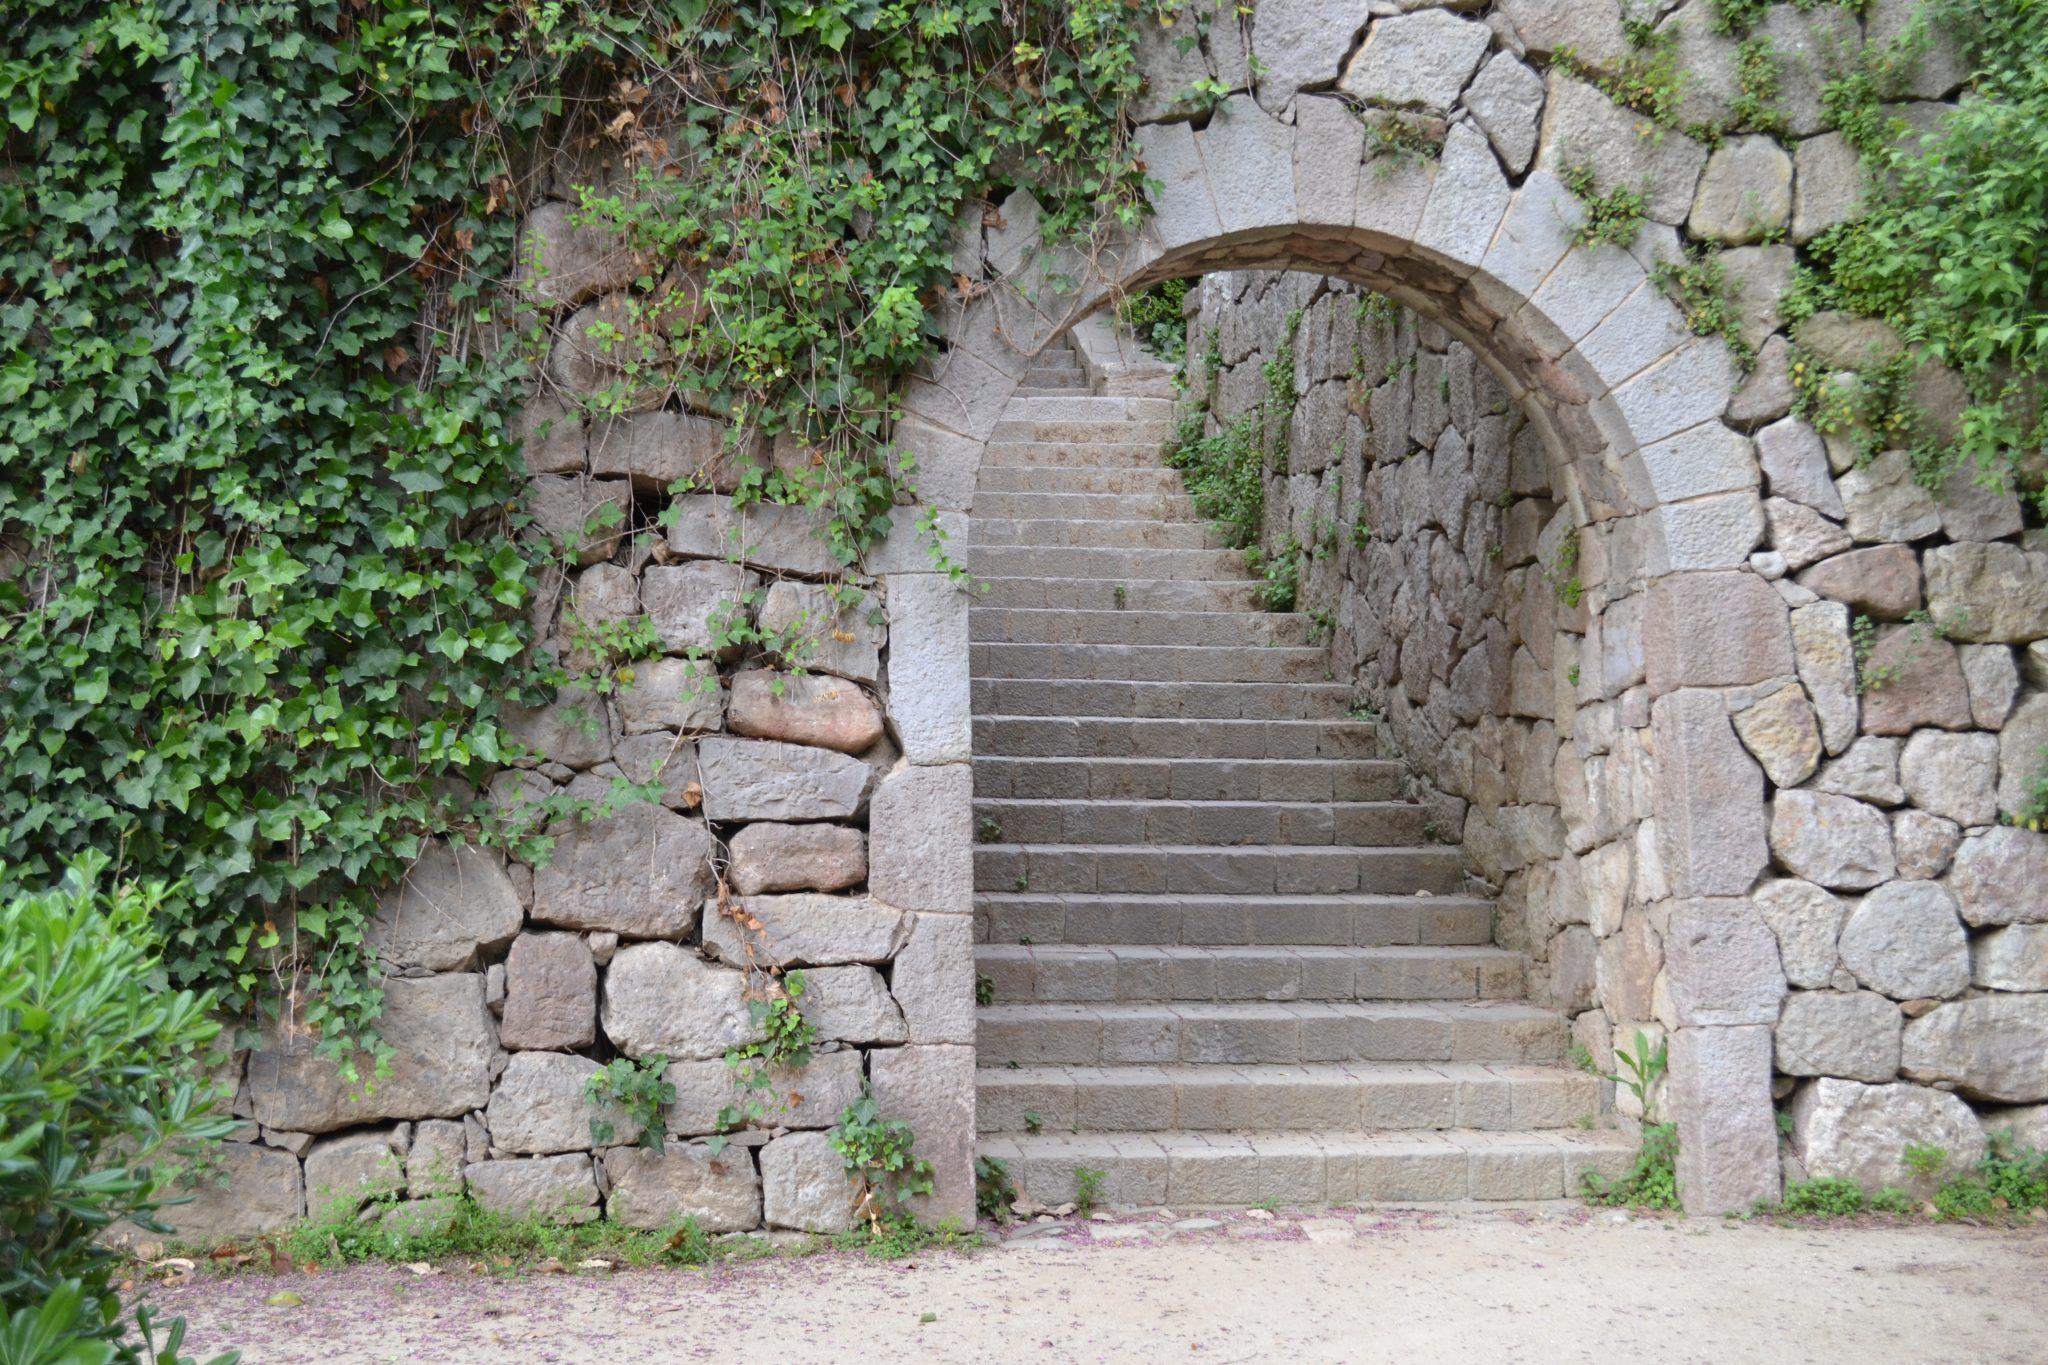 Parques y jardines de montju c diario de viaje barcelona for Parques y jardines